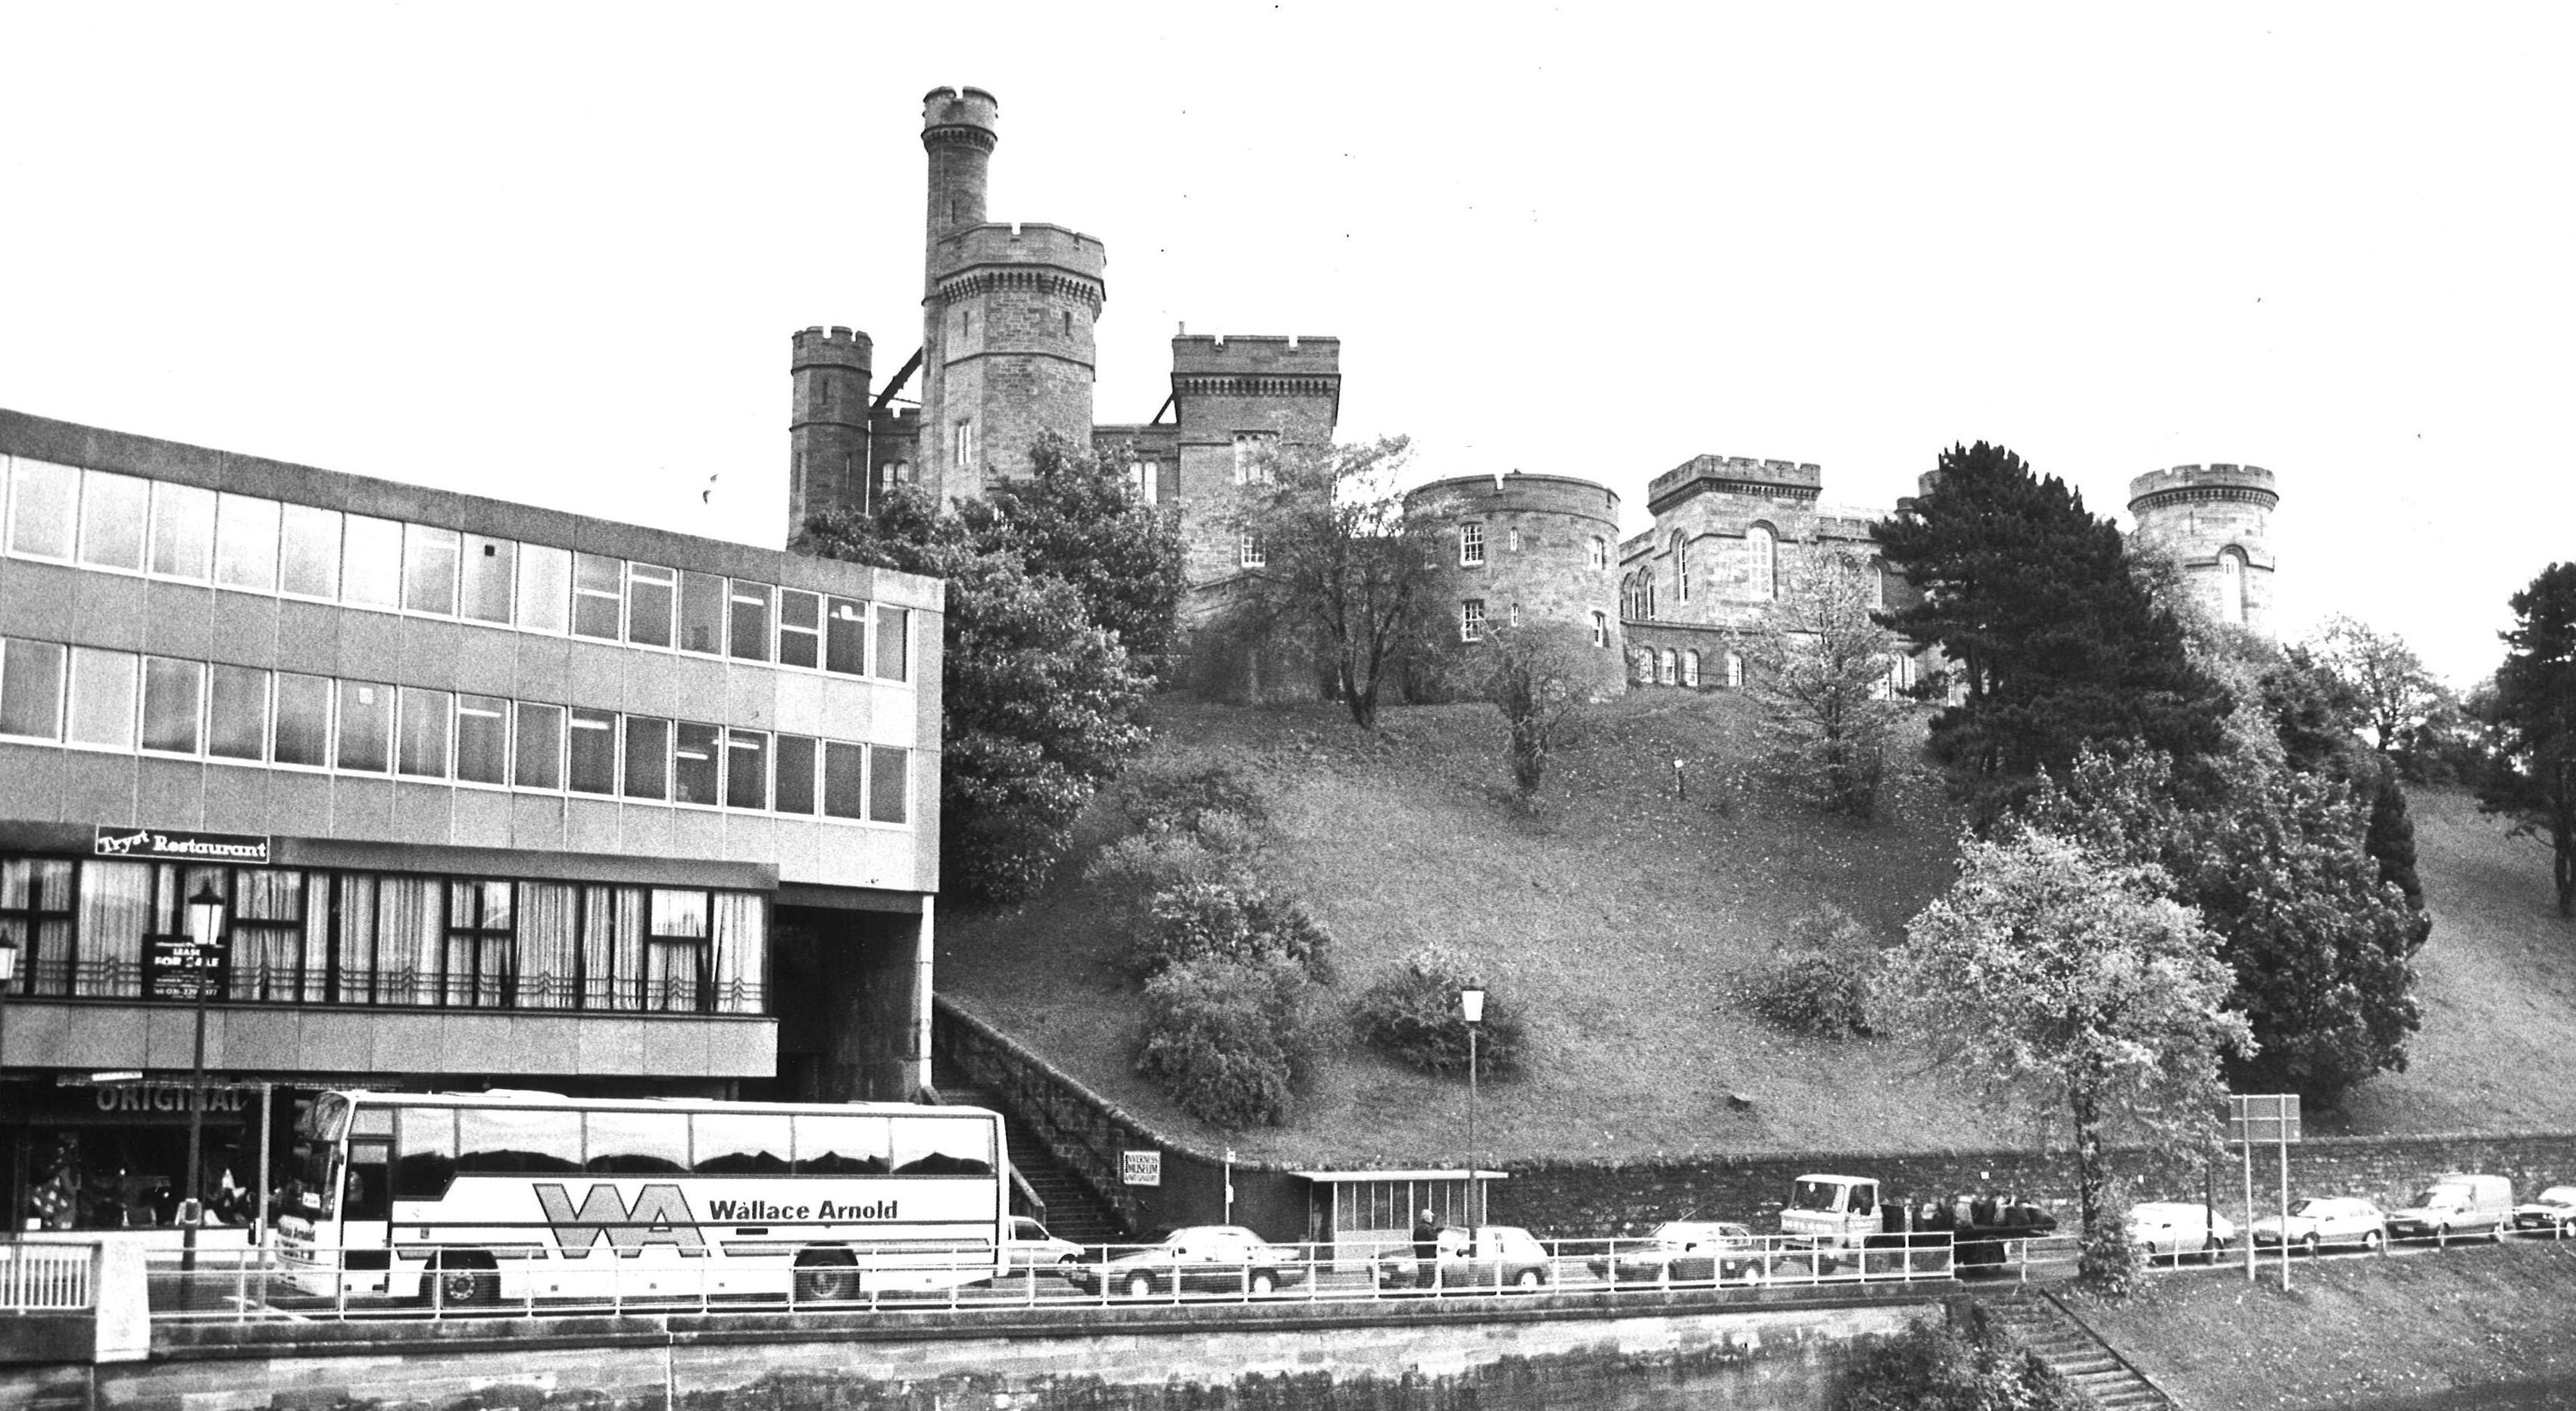 Inverness Castle, 1989